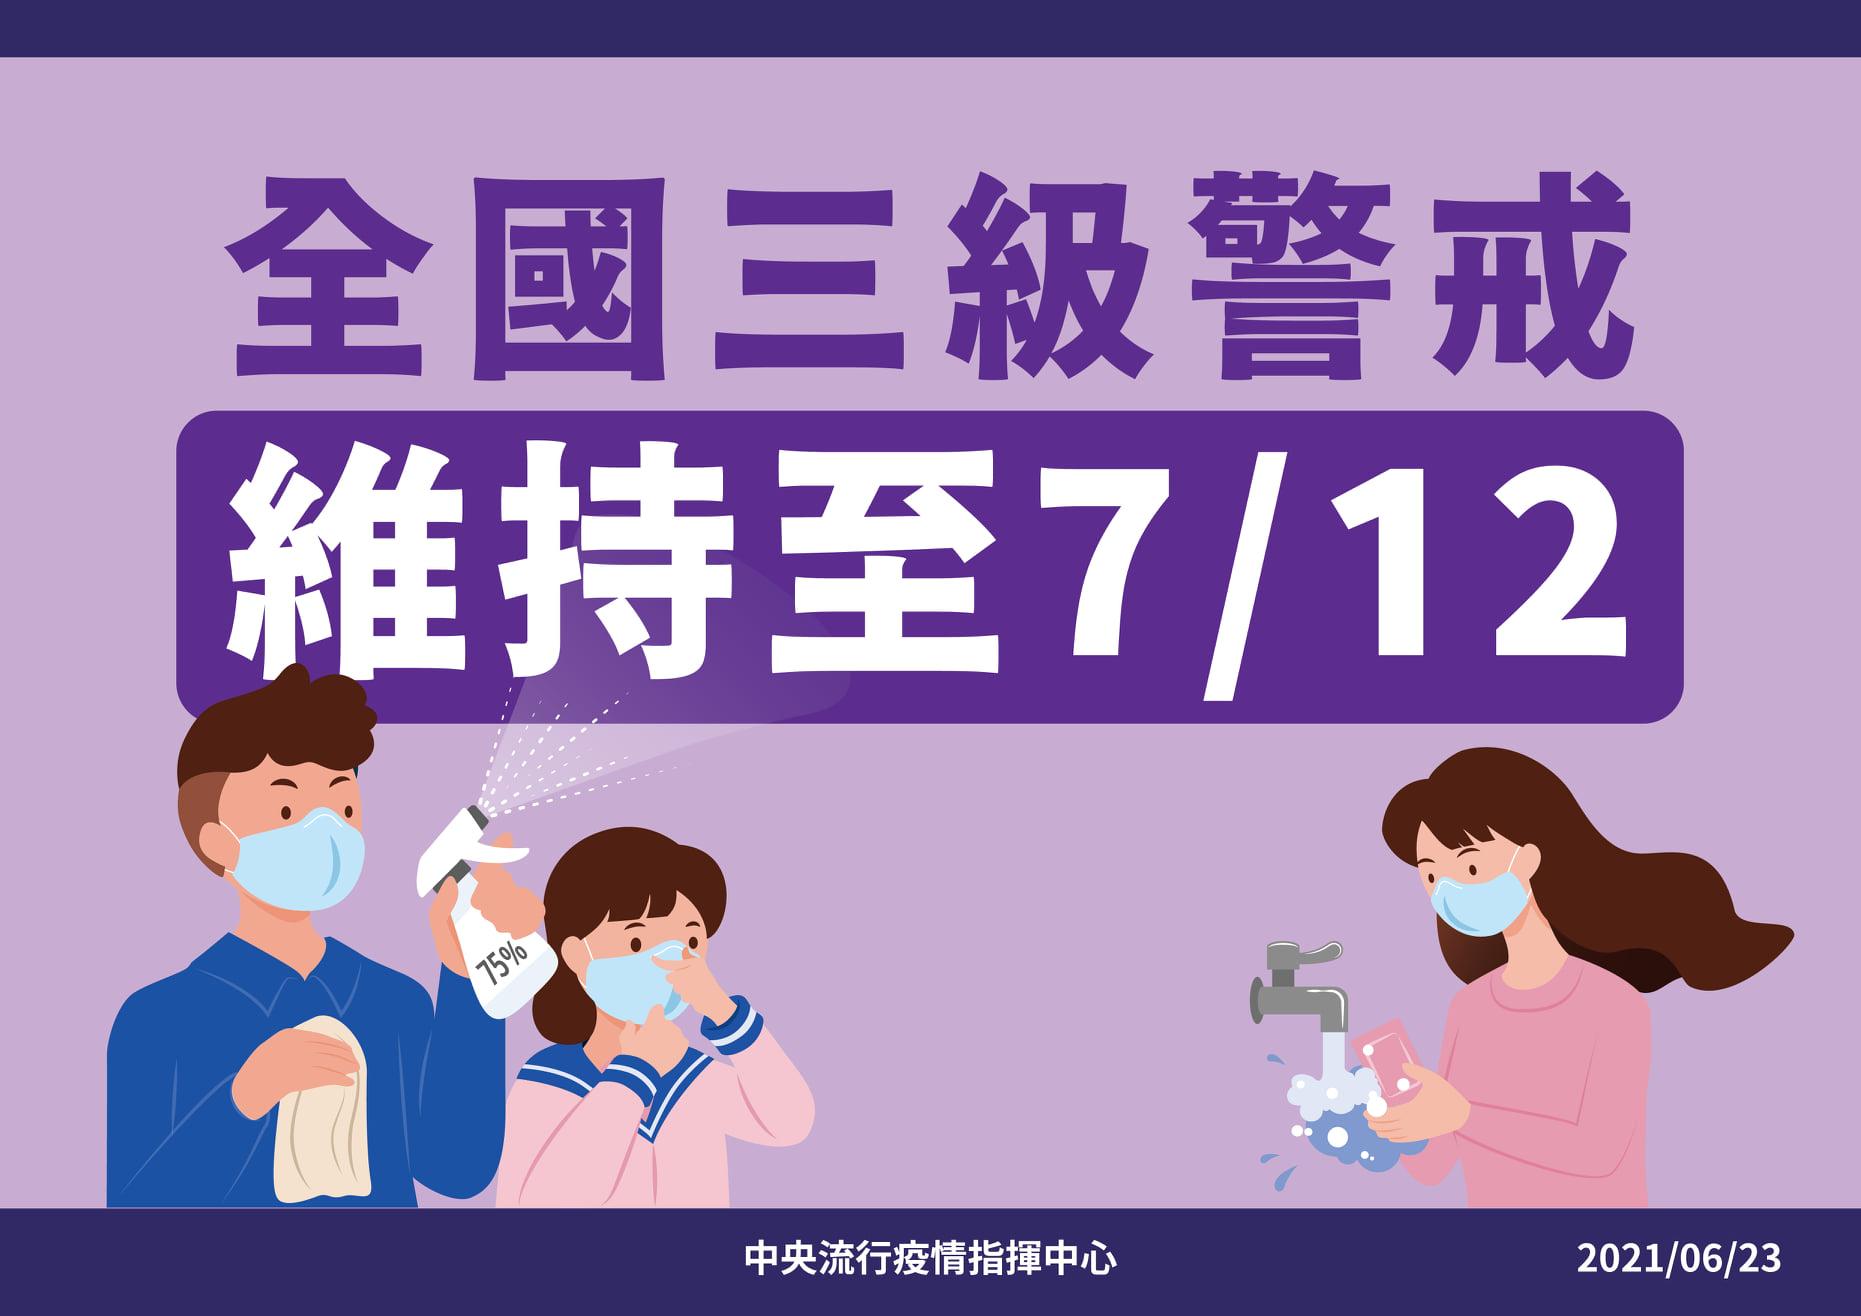 指揮中心維持全國疫情警戒第三級至7月12日止,希望國人共體時艱,共同抗疫